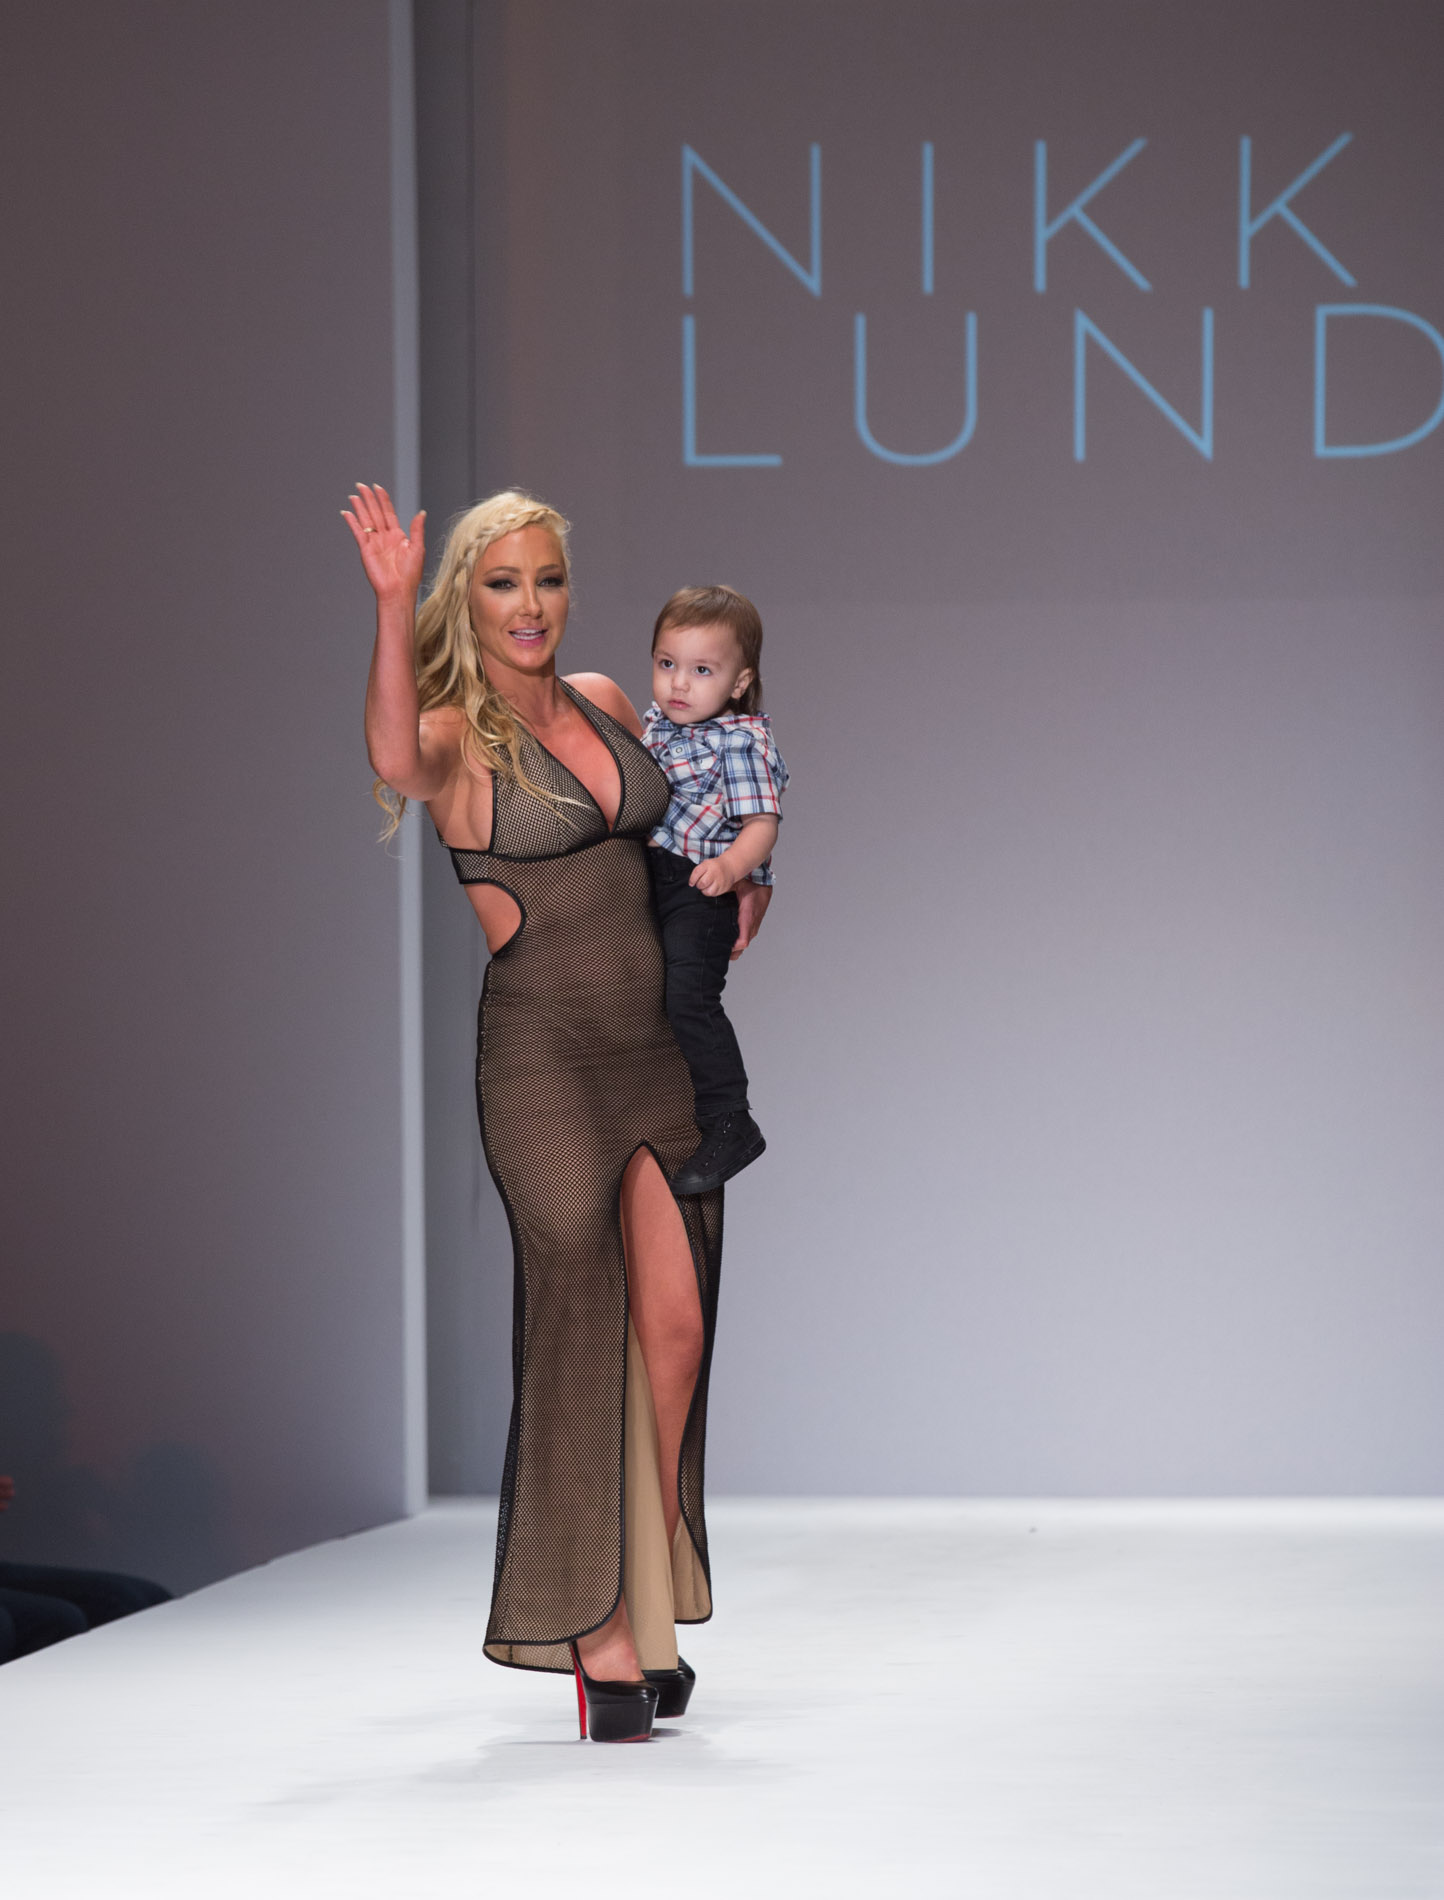 Nikki Lund Opens Los Angeles Style Fashion Week